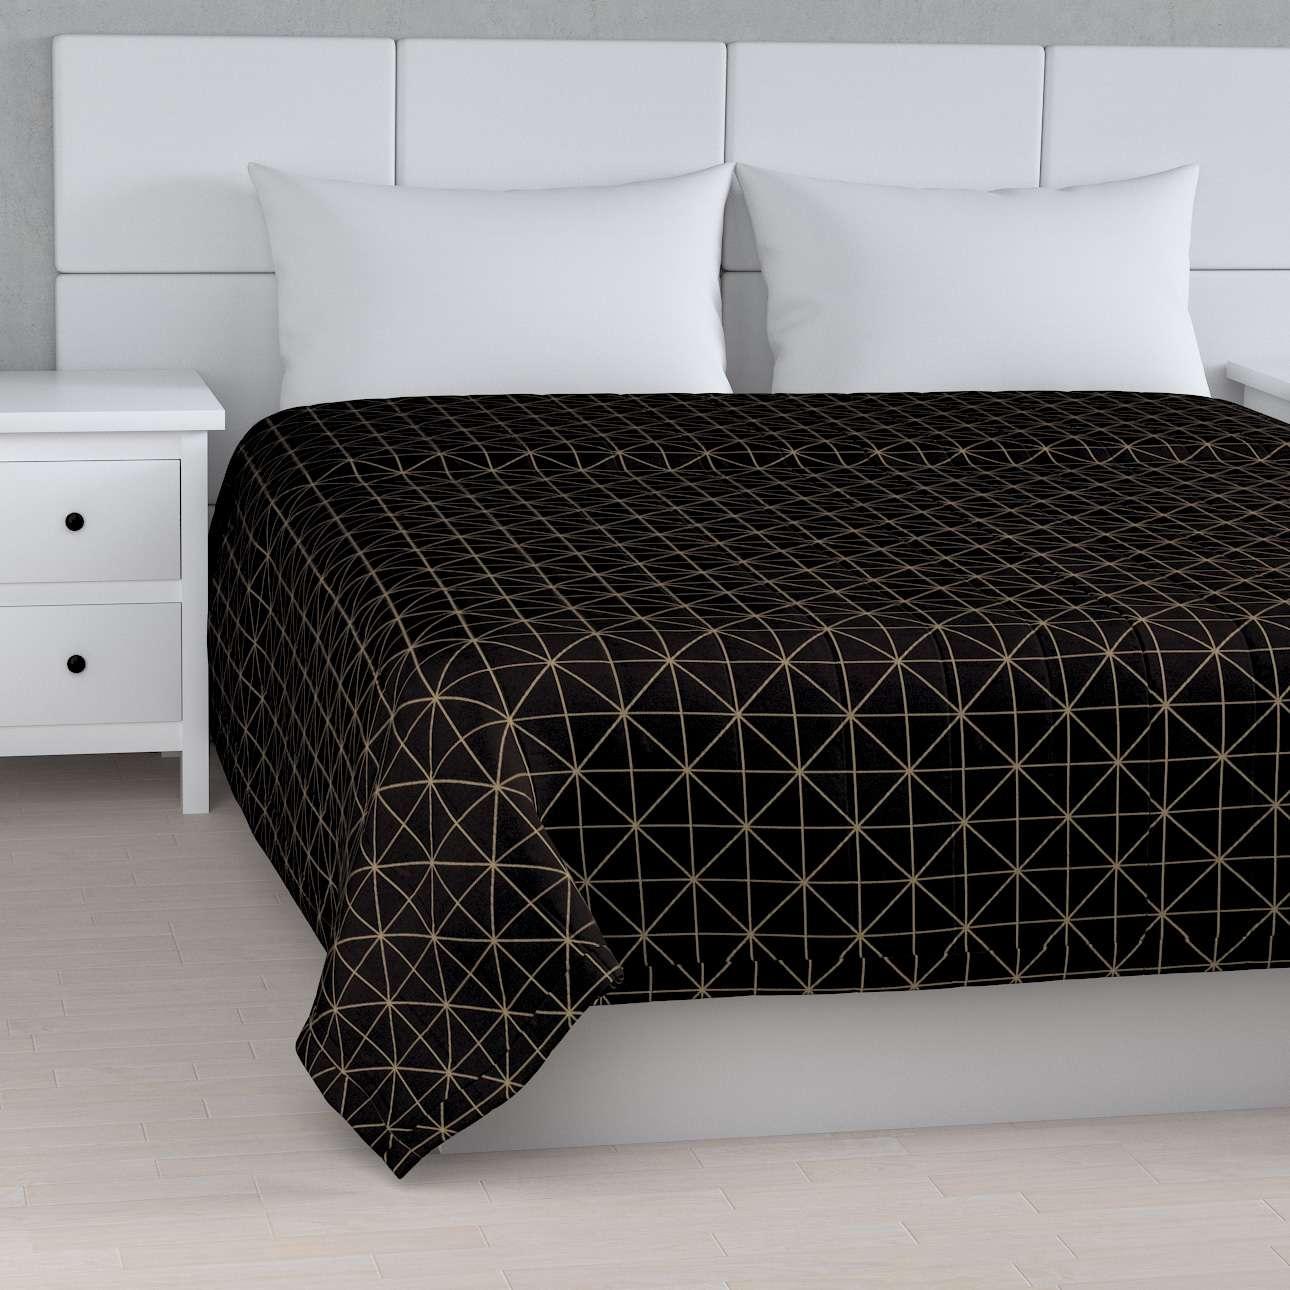 Přehoz s podélným prošitím v kolekci Black & White, látka: 142-55